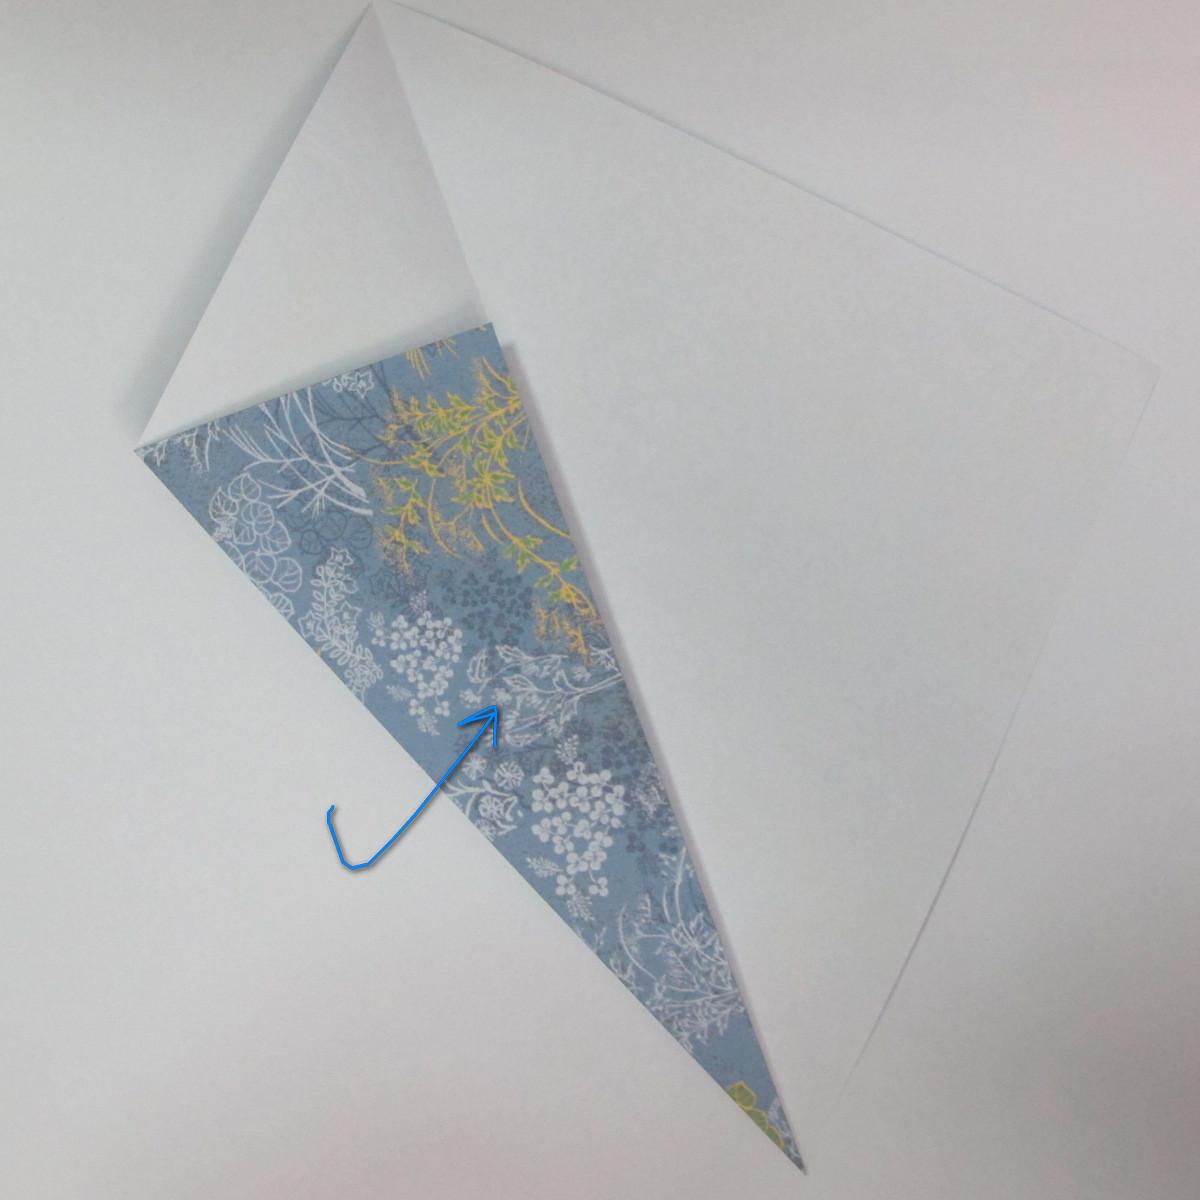 วิธีการพับกระดาษเป็นรูปม้า (Origami Horse) 003